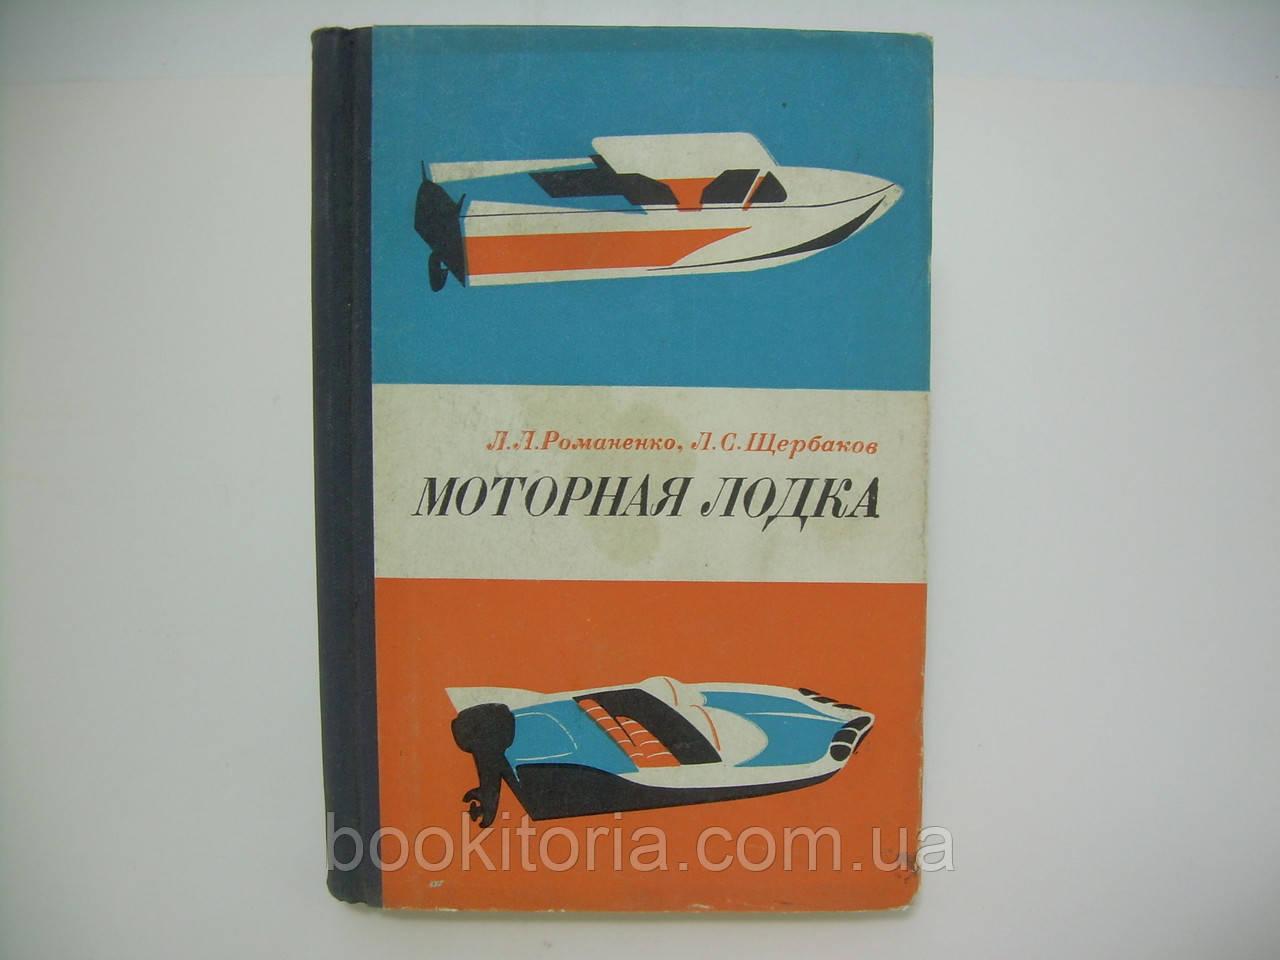 Романенко Л., Щербаков Л. Моторная лодка. (Пособие для любителей) (б/у).